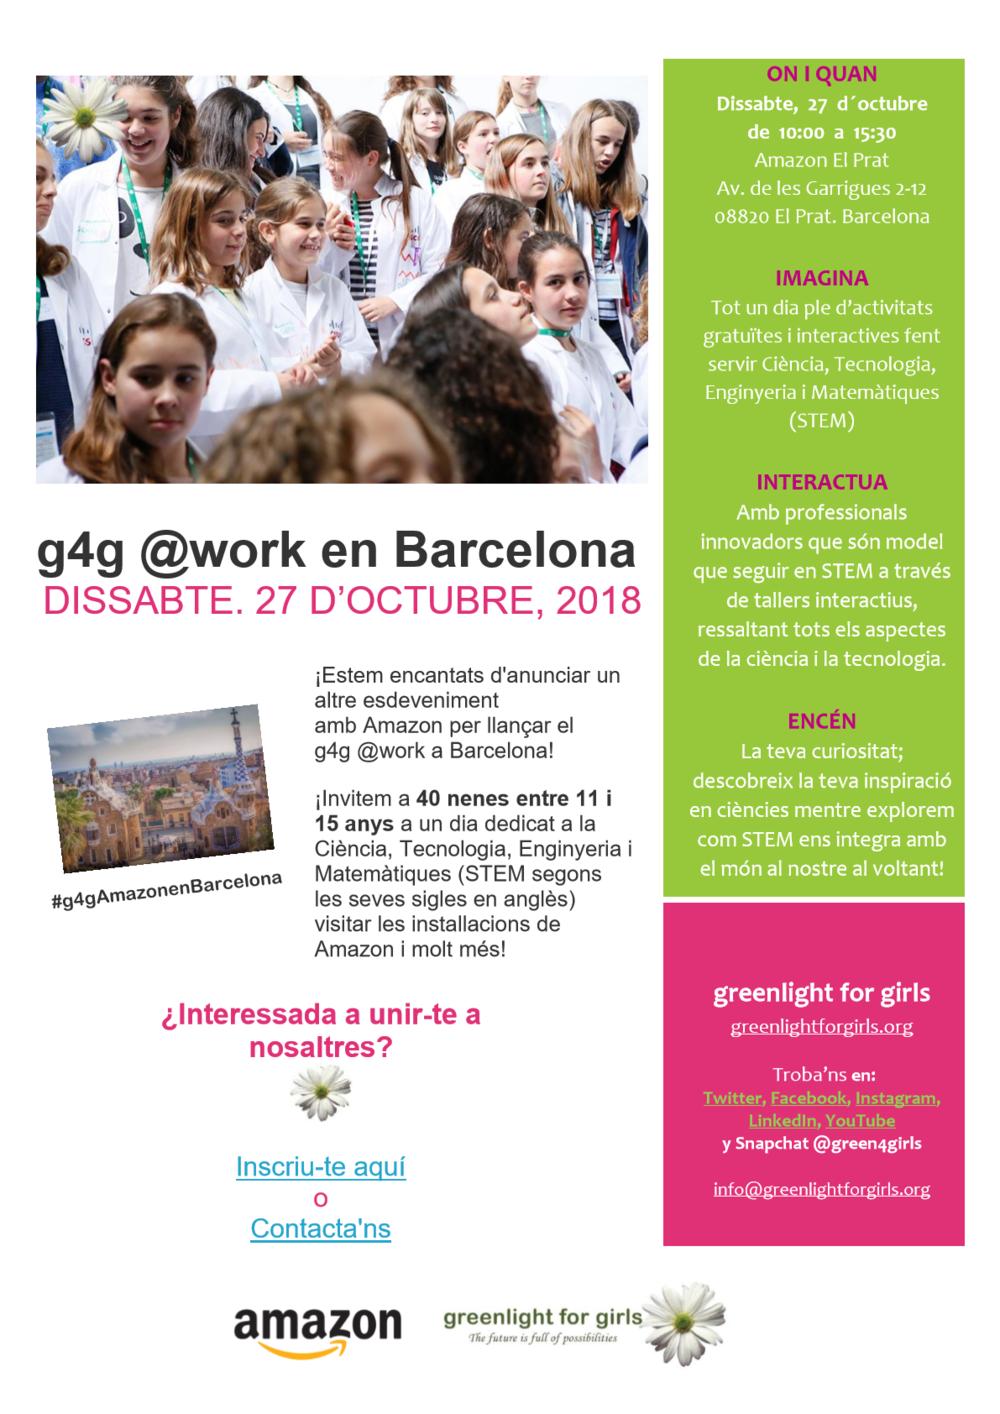 g4gatwork_Barcelona2018_CAT.jpg